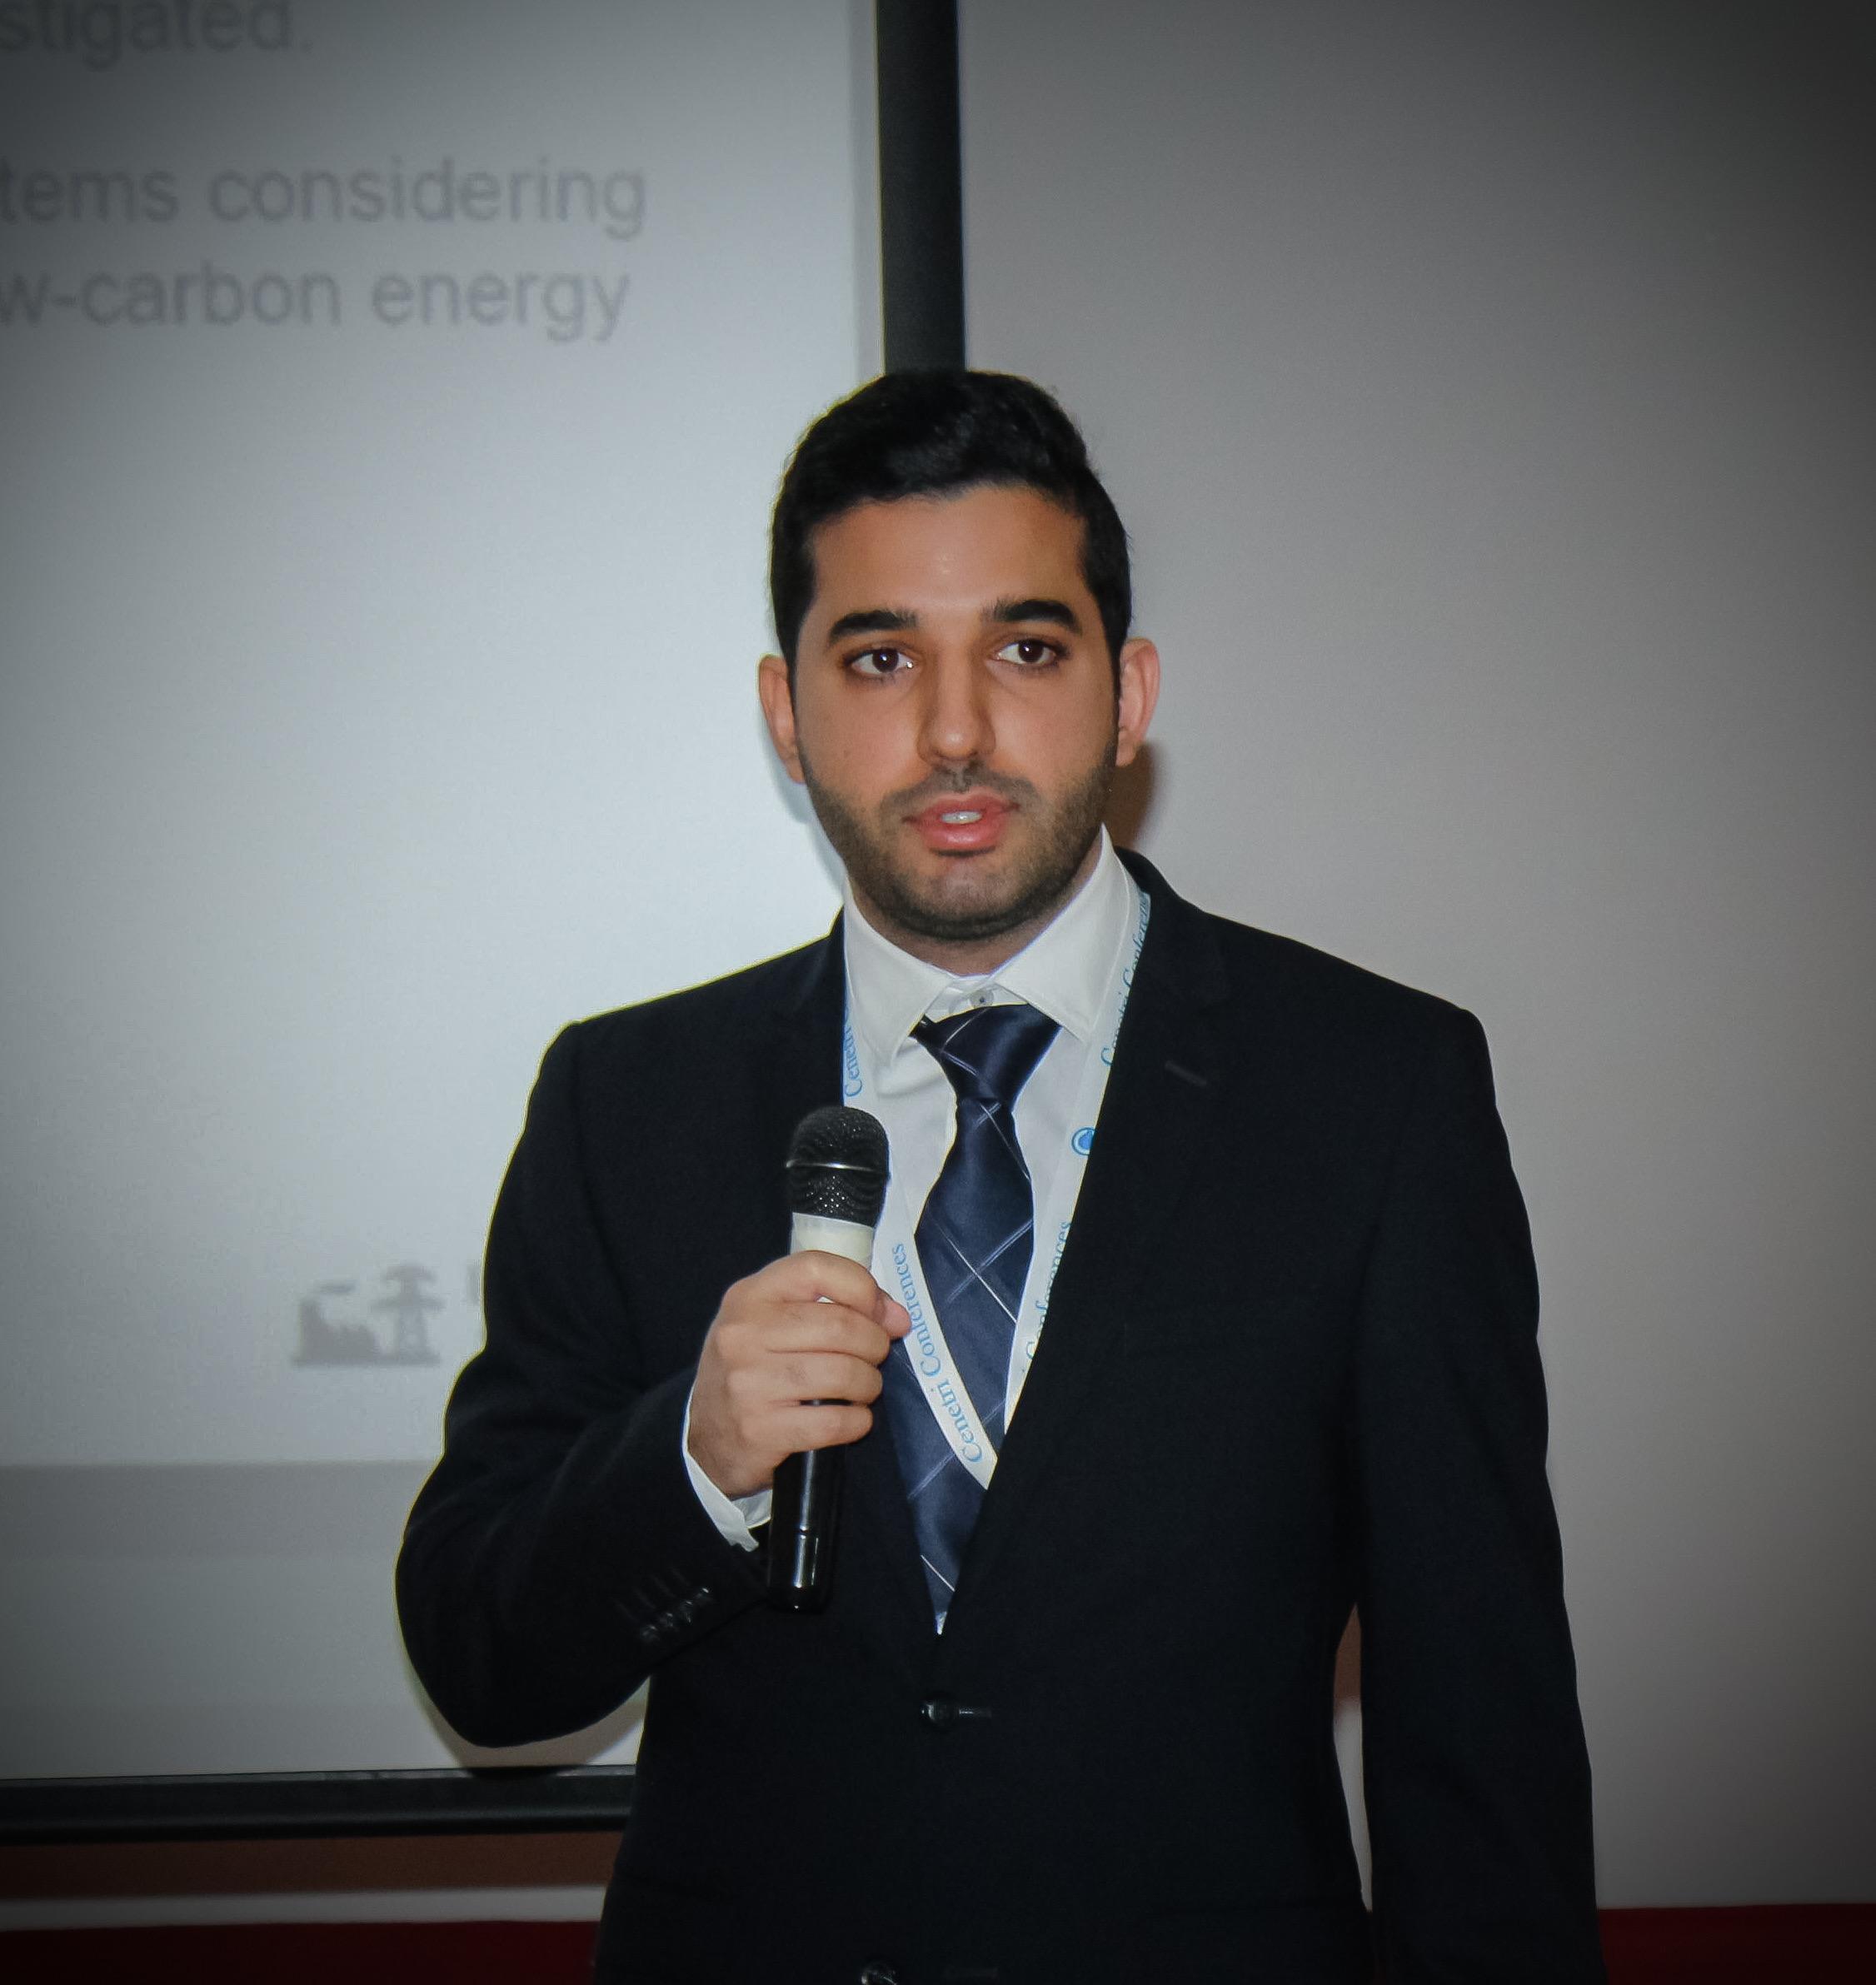 Hossein Ameli